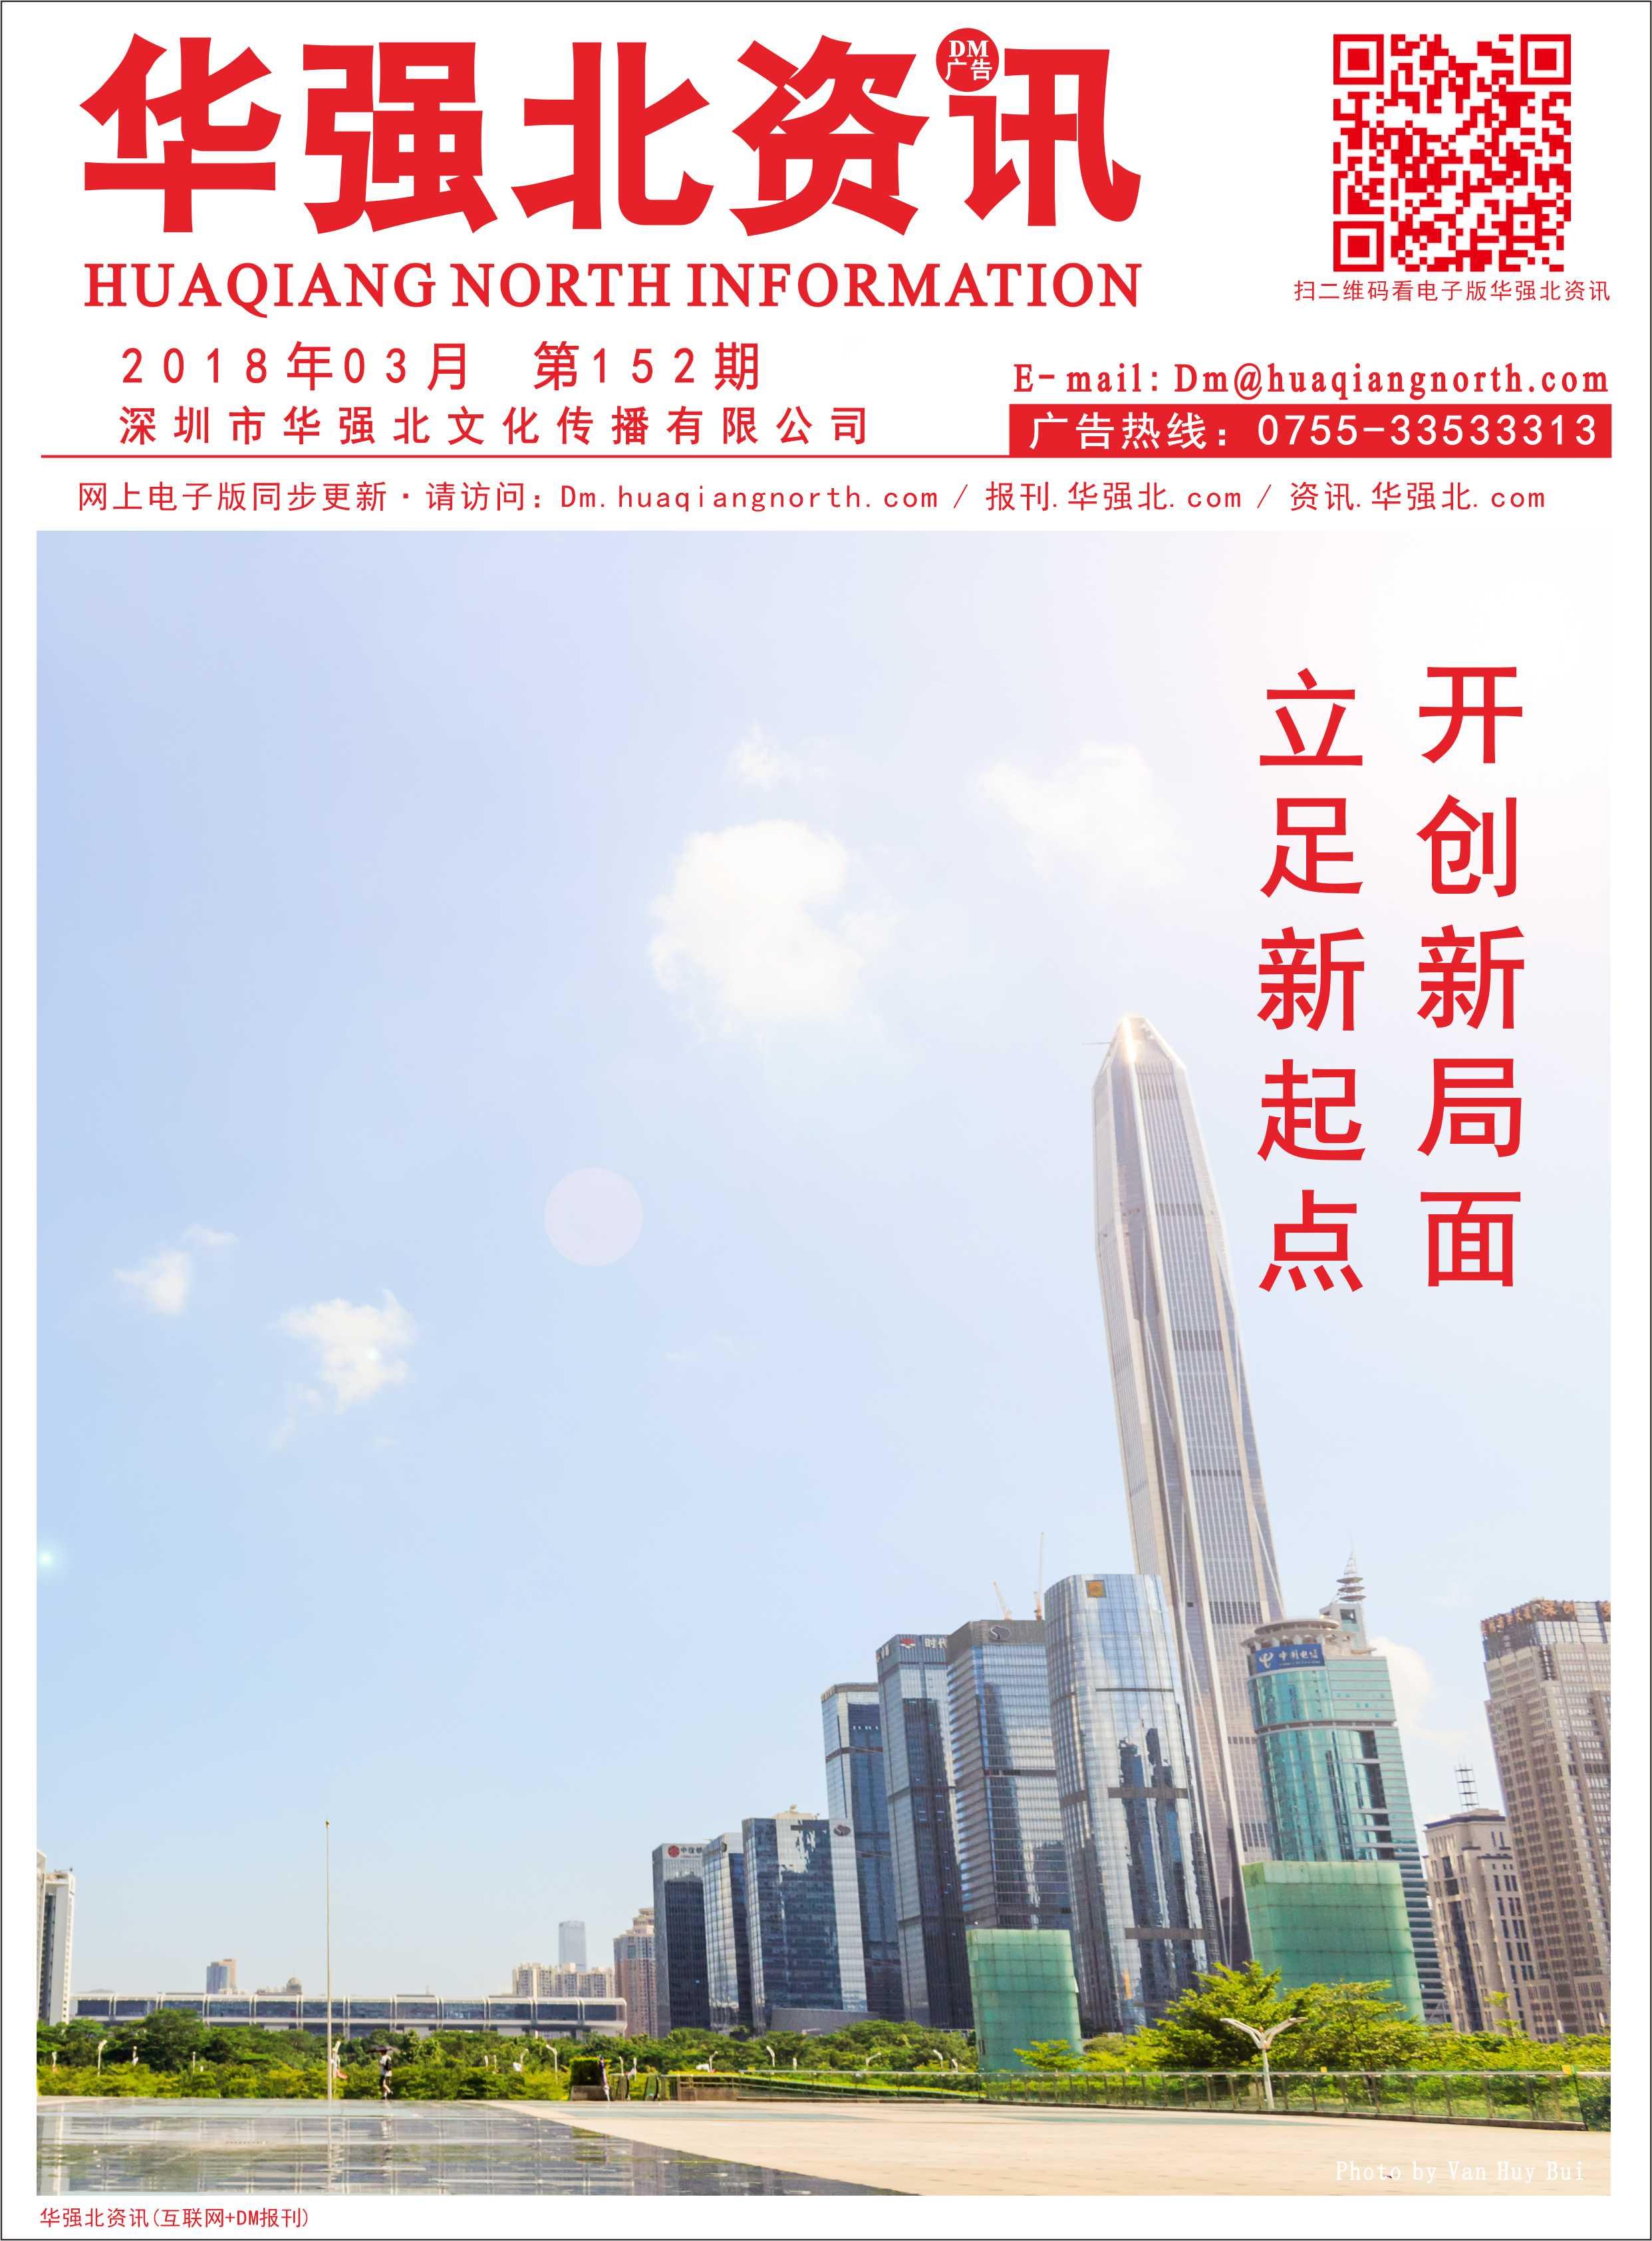 华强北资讯第152期